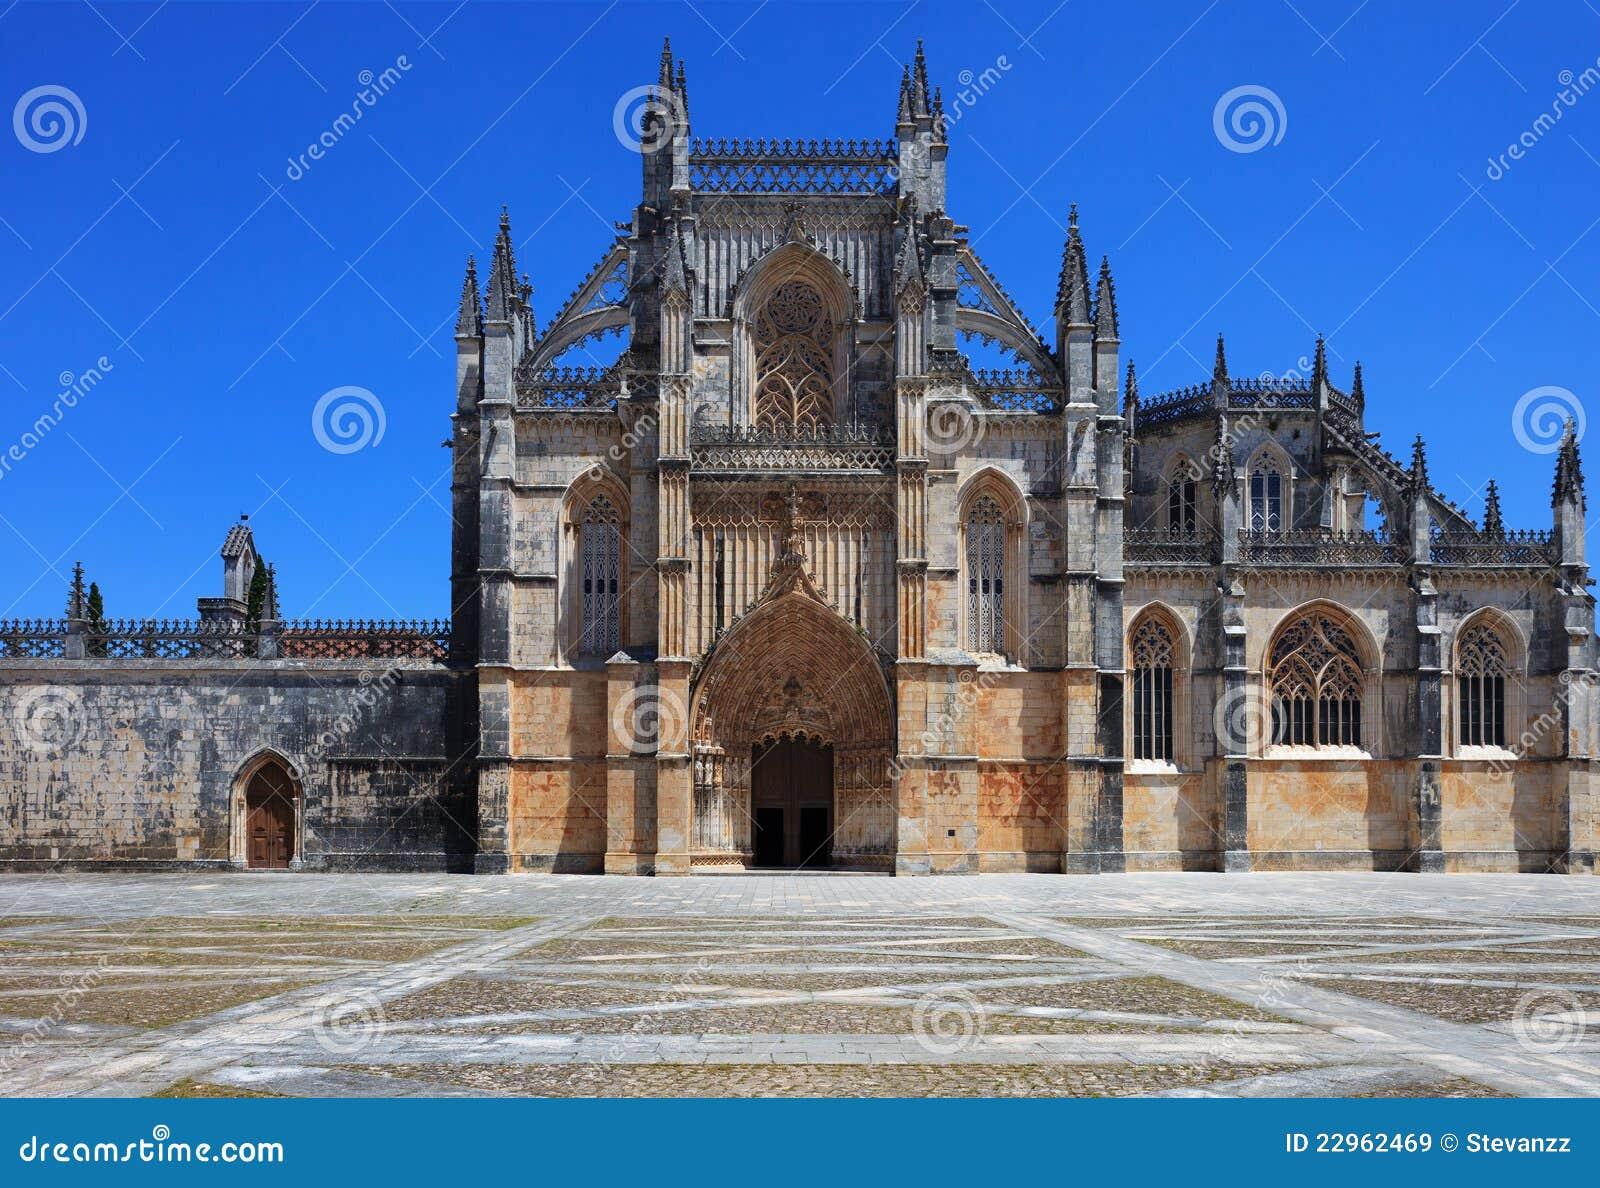 Monasterio de Batalha. Sitio de la UNESCO, Portugal